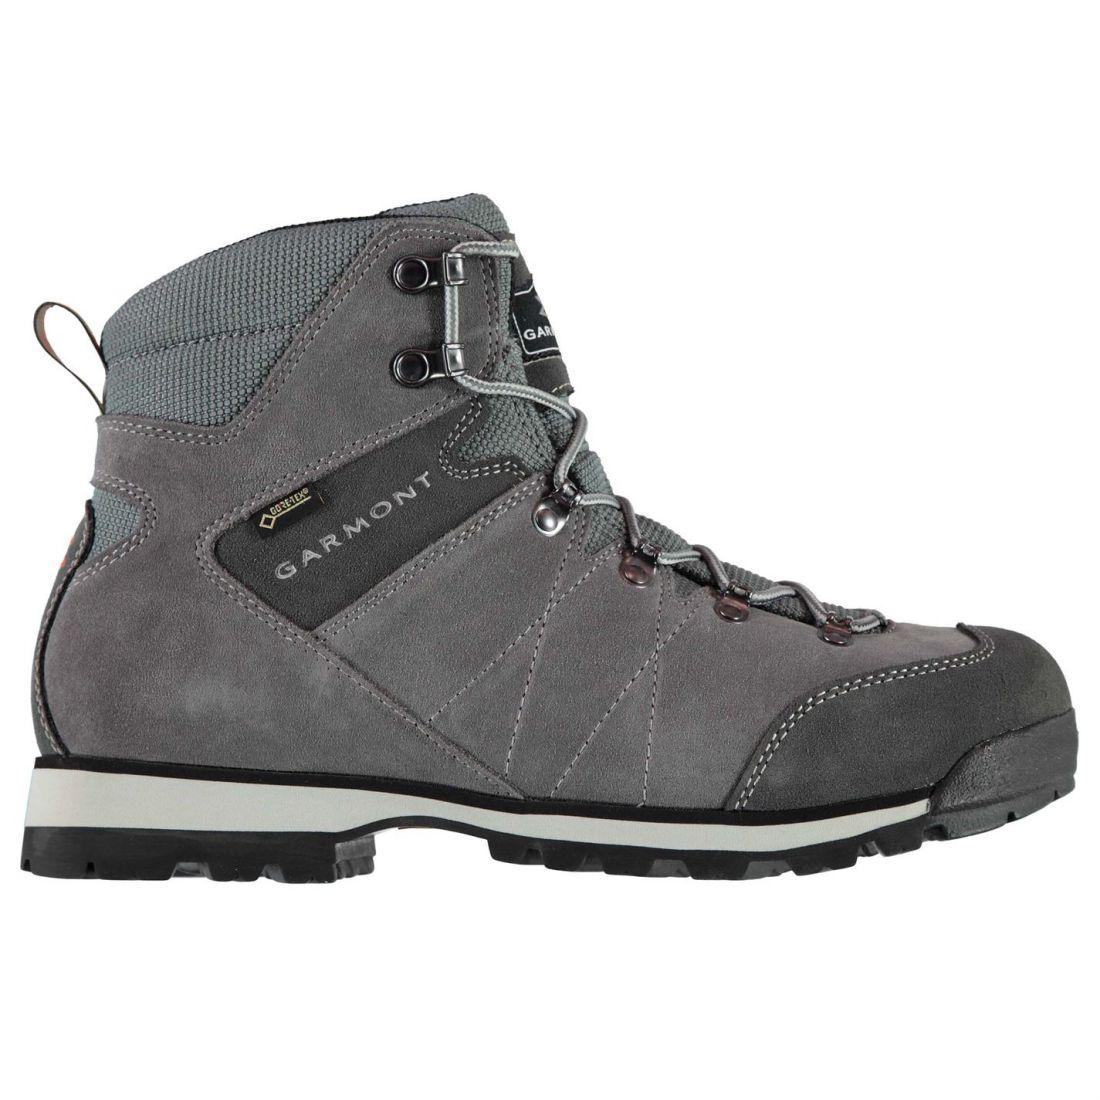 Garmont botas zapatos para caminar Sierra GTX Para Hombre De Ante Gore Tex ligera al aire libre